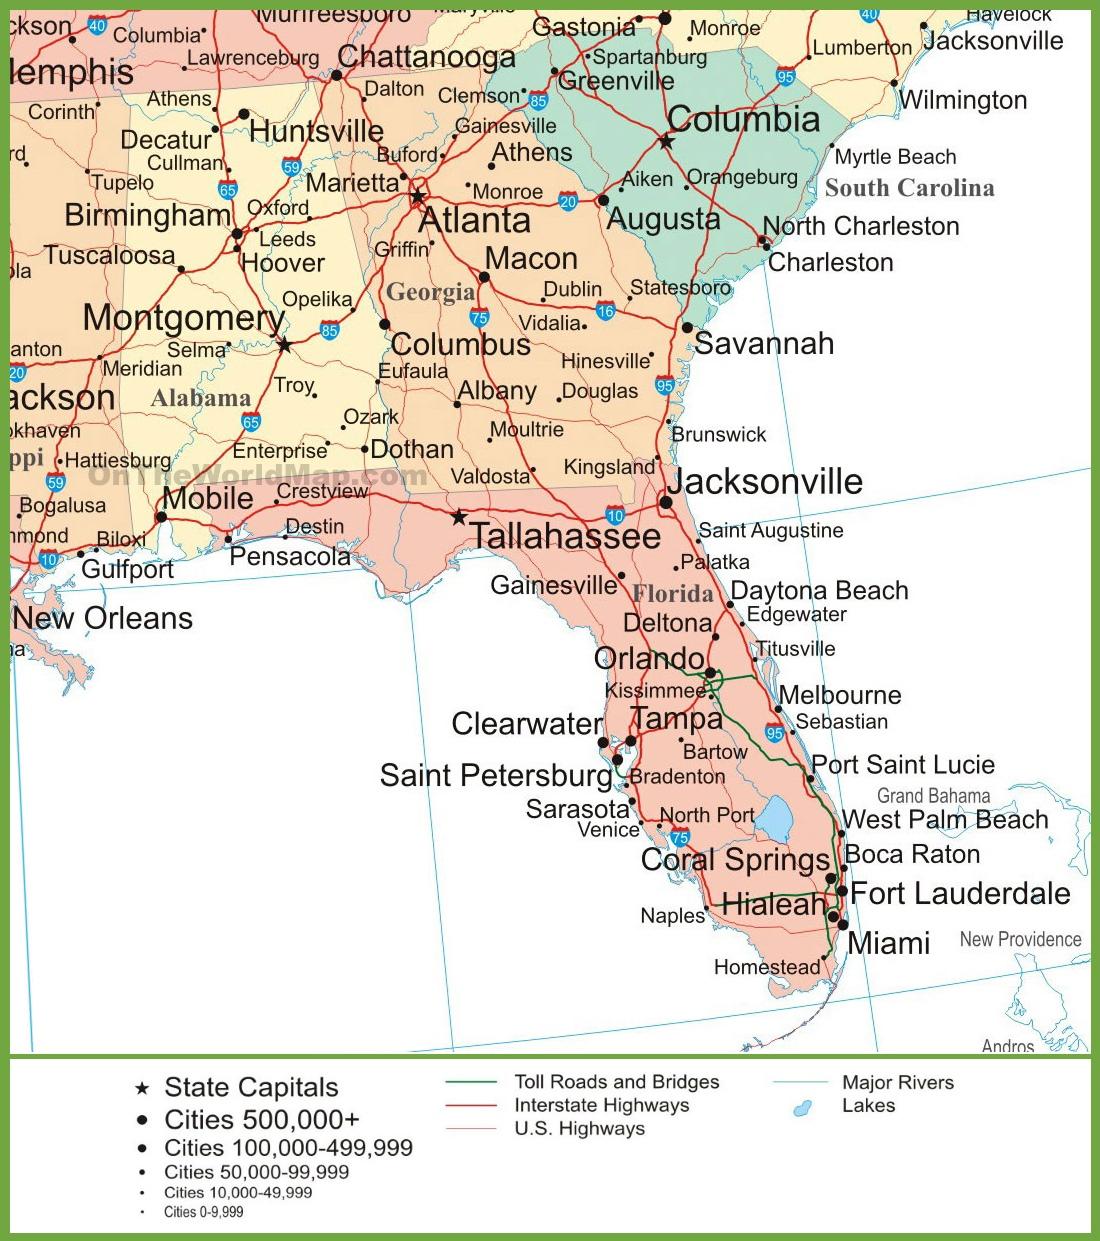 Map Of Alabama, Georgia And Florida - Show Sarasota Florida On A Map